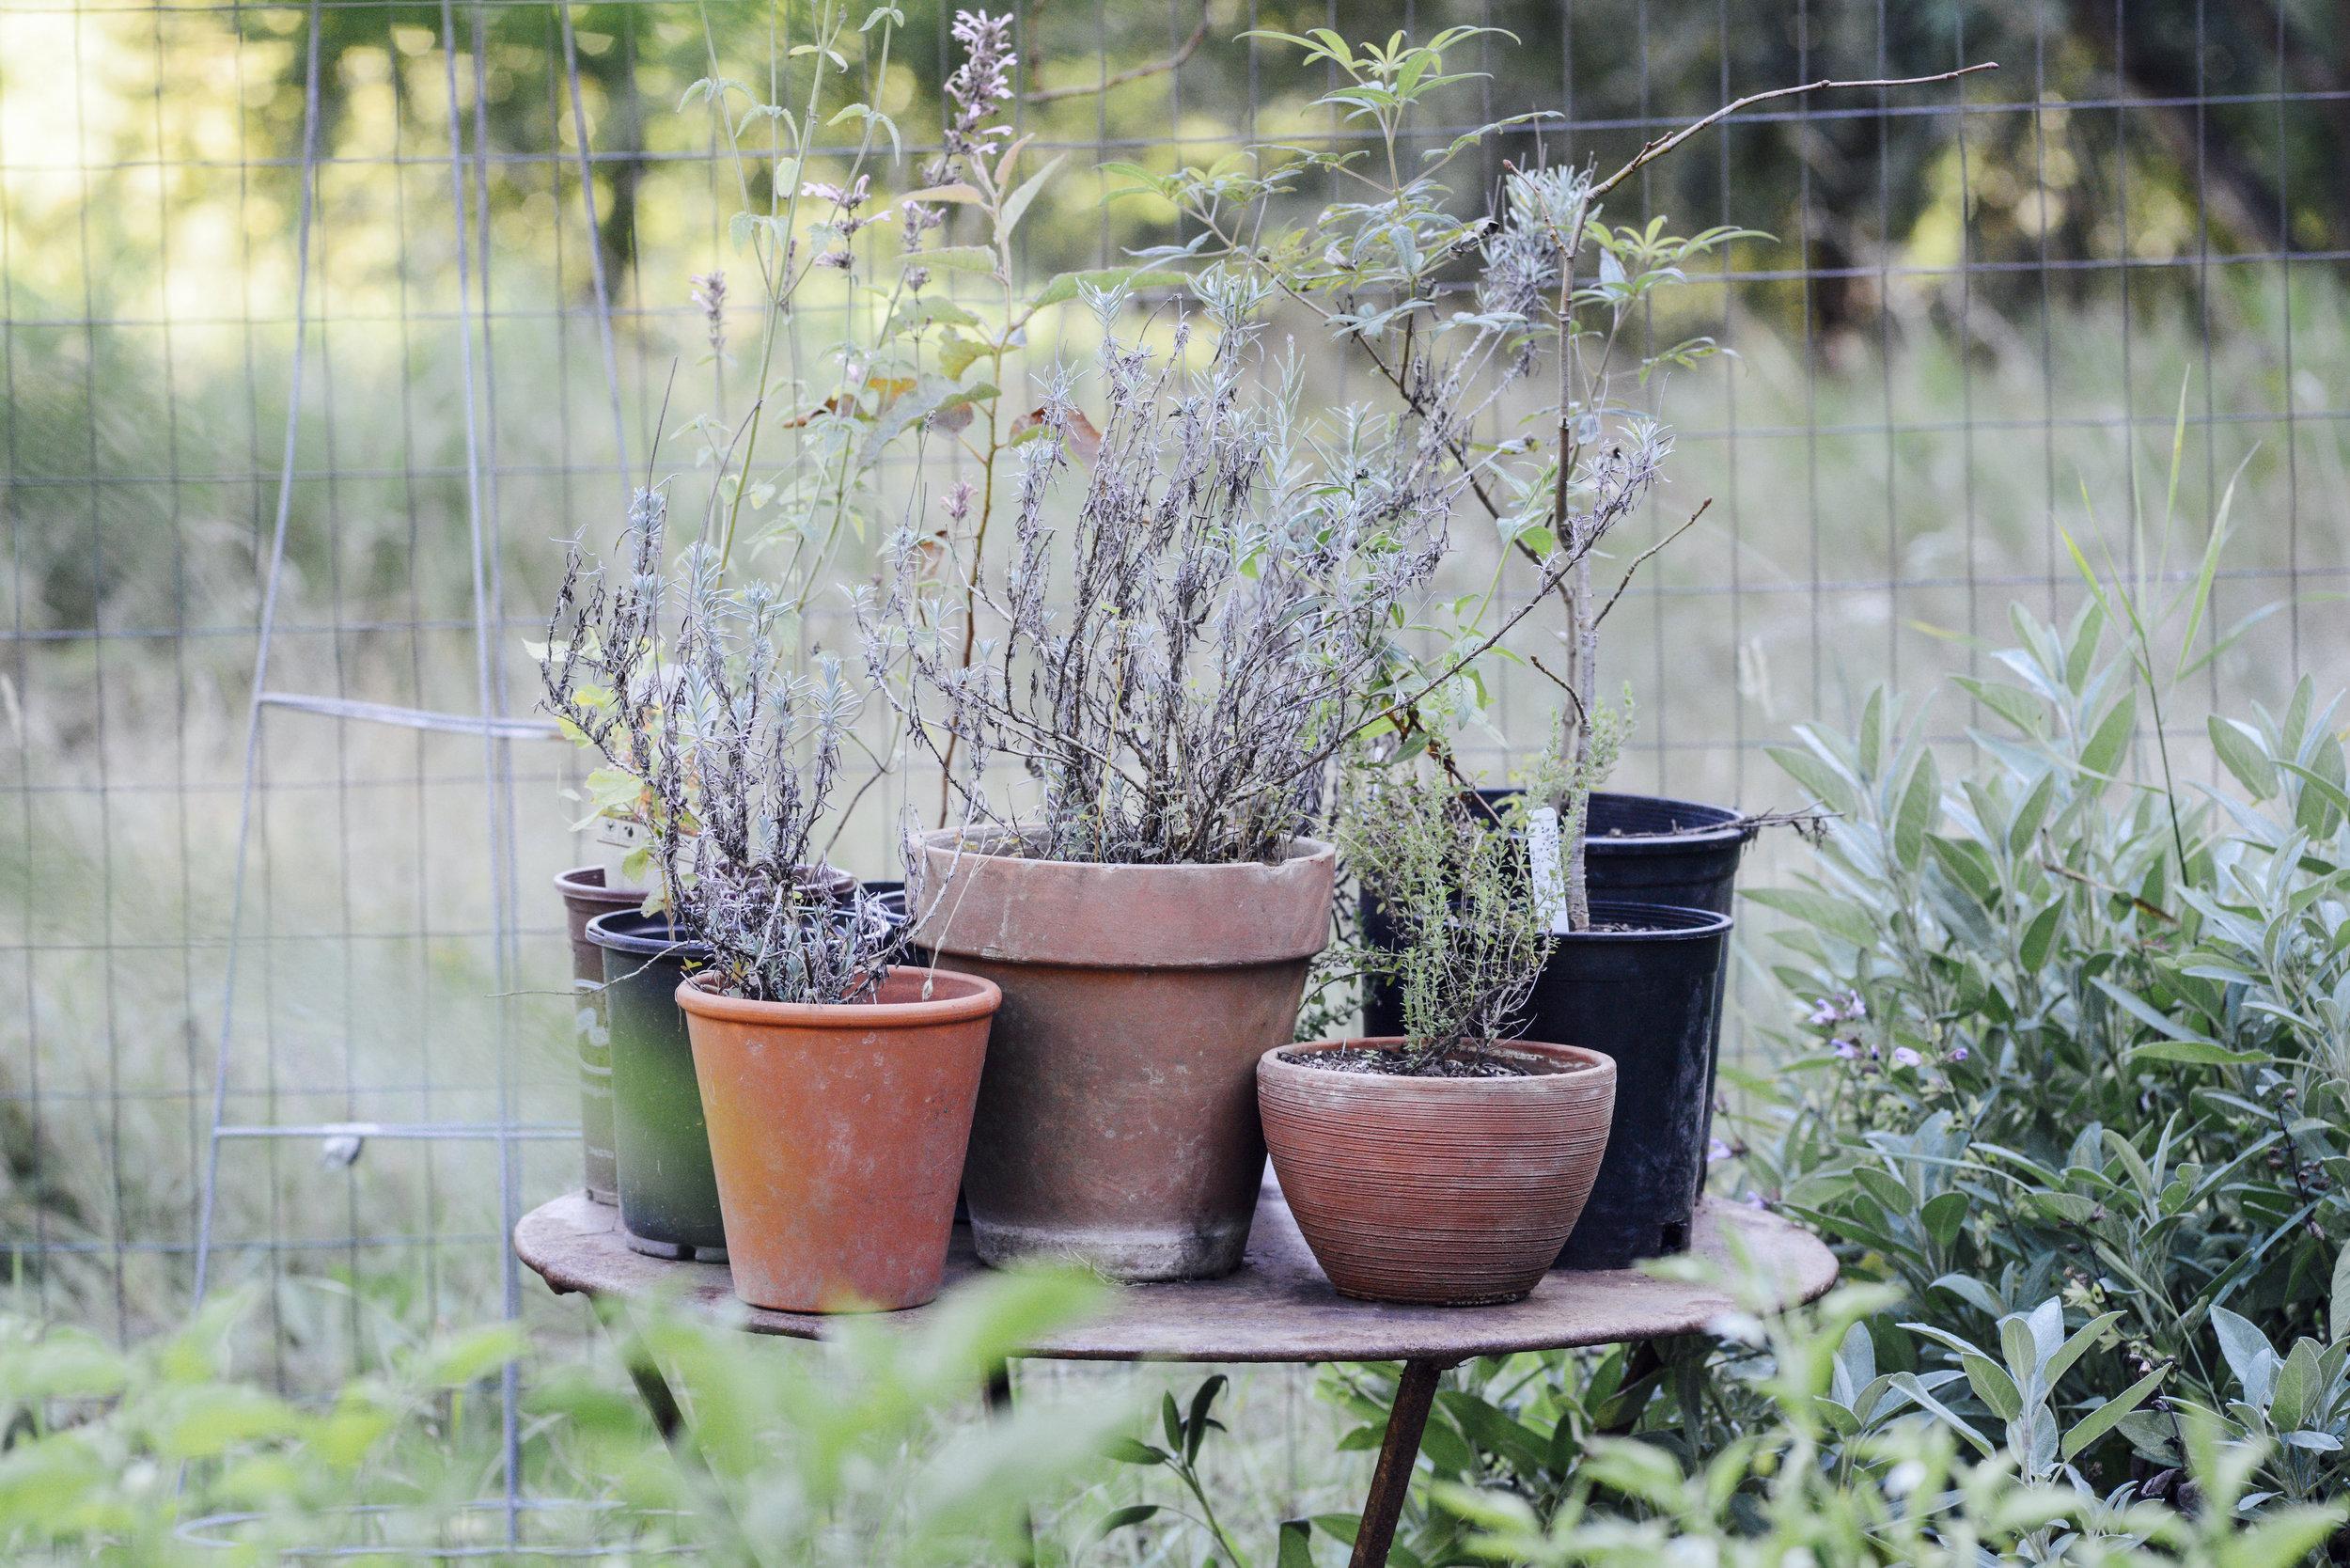 Plants on Table.jpg